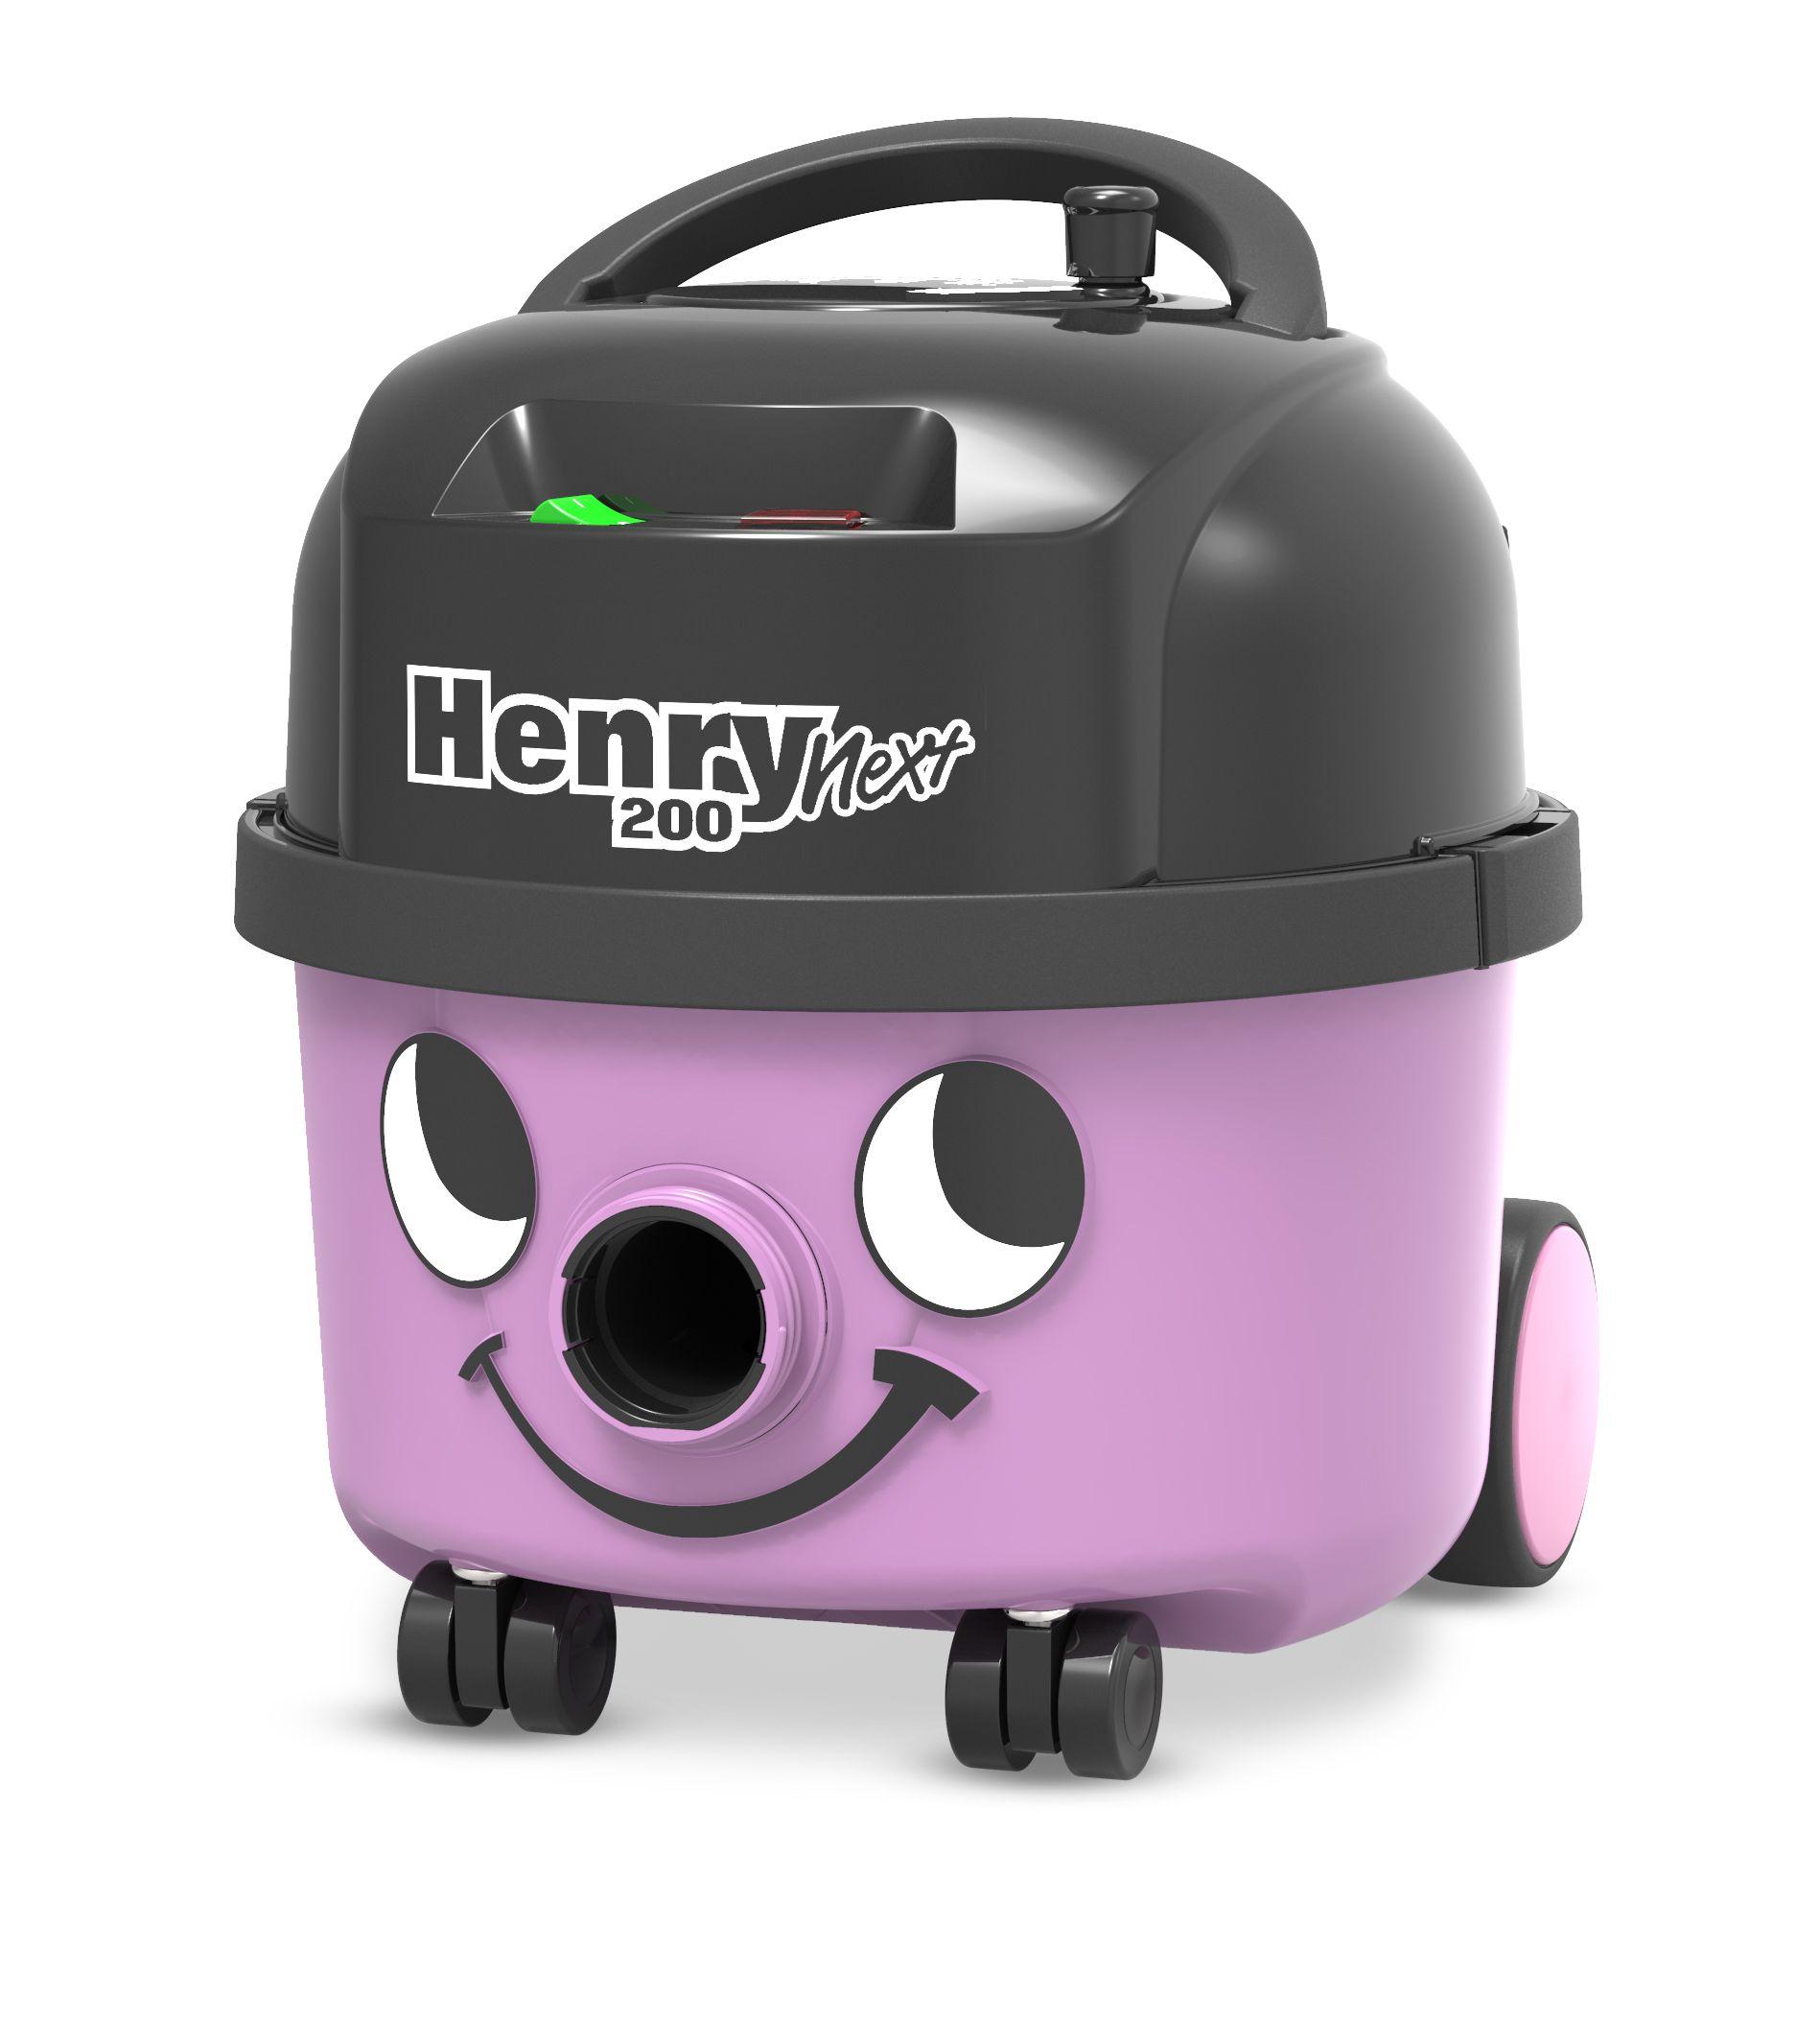 Stofzuiger Henry Next HVN204-11 lavendel met kit AST0 en 601530